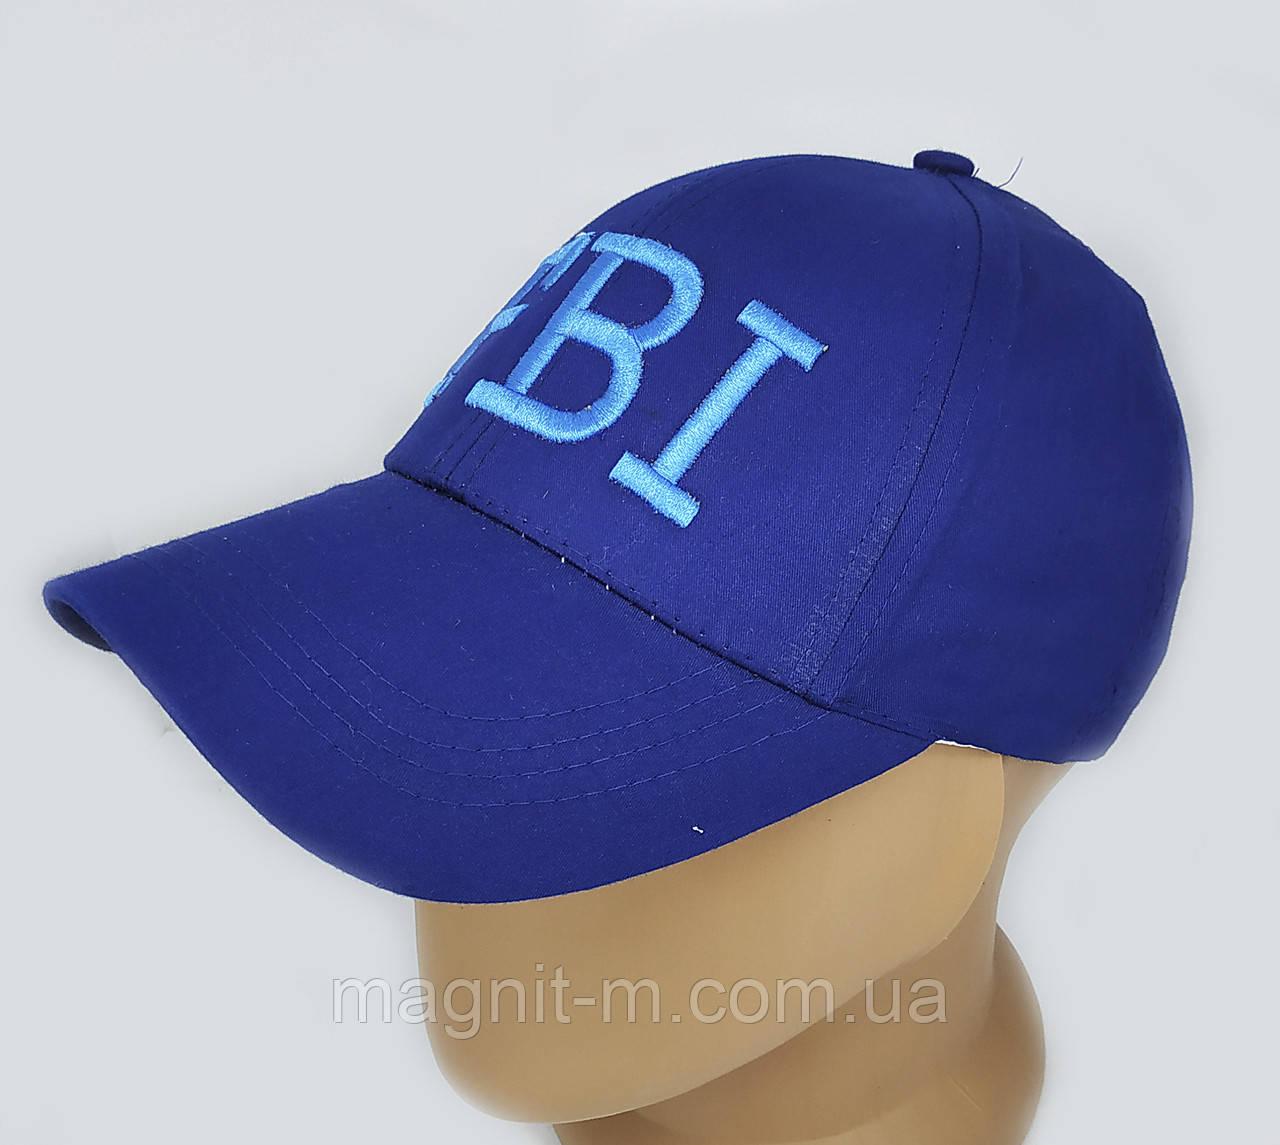 Бейсболка однотонная. FBI. Синий. Подросток 12-16 лет